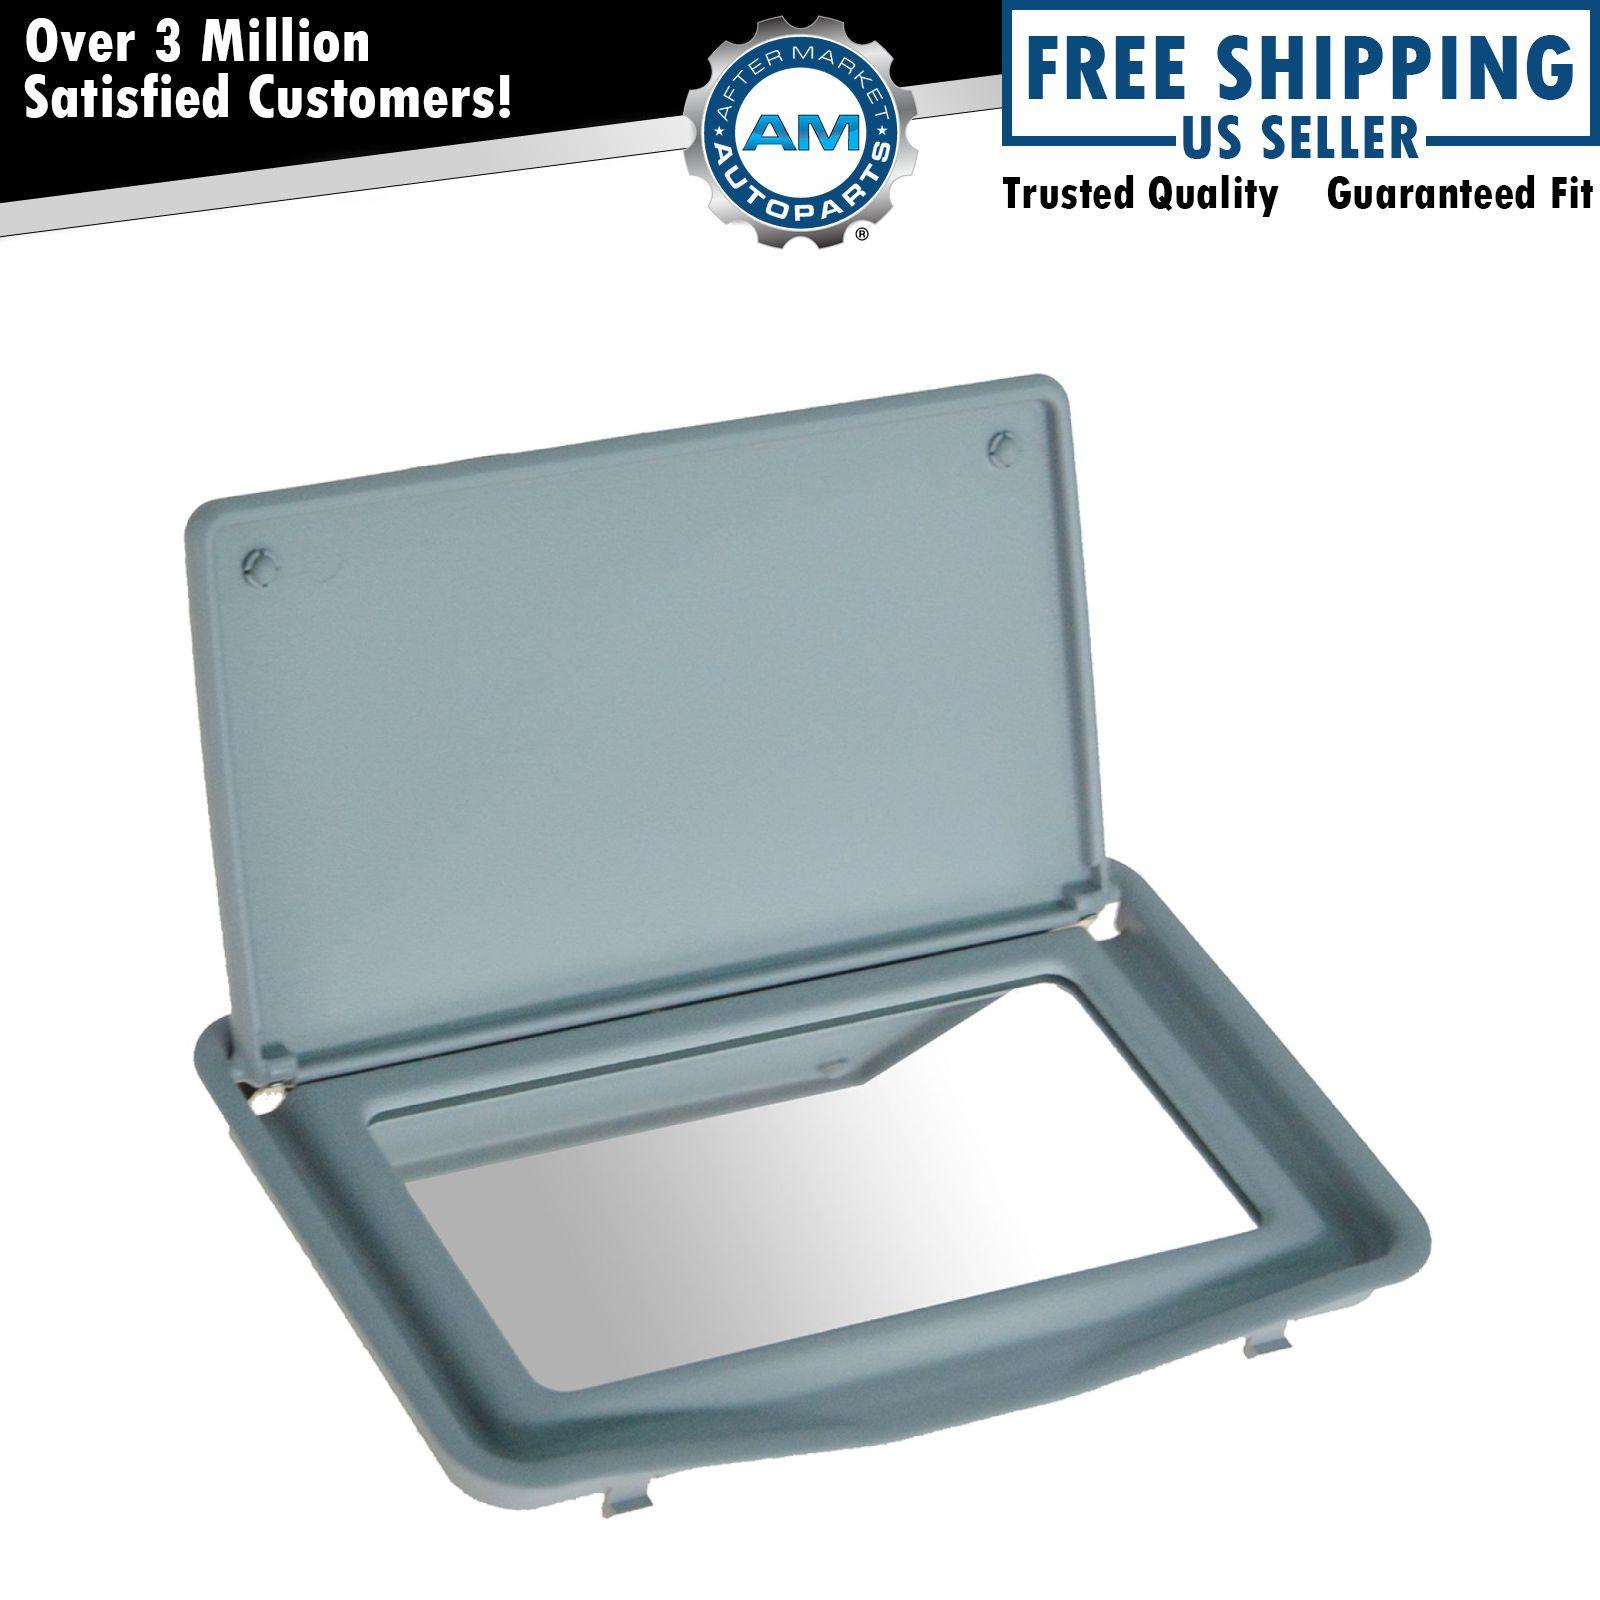 Oem 210 810 25 10 7d84 sun visor mirror flip up gray for for Mercedes benz sun visor replacement